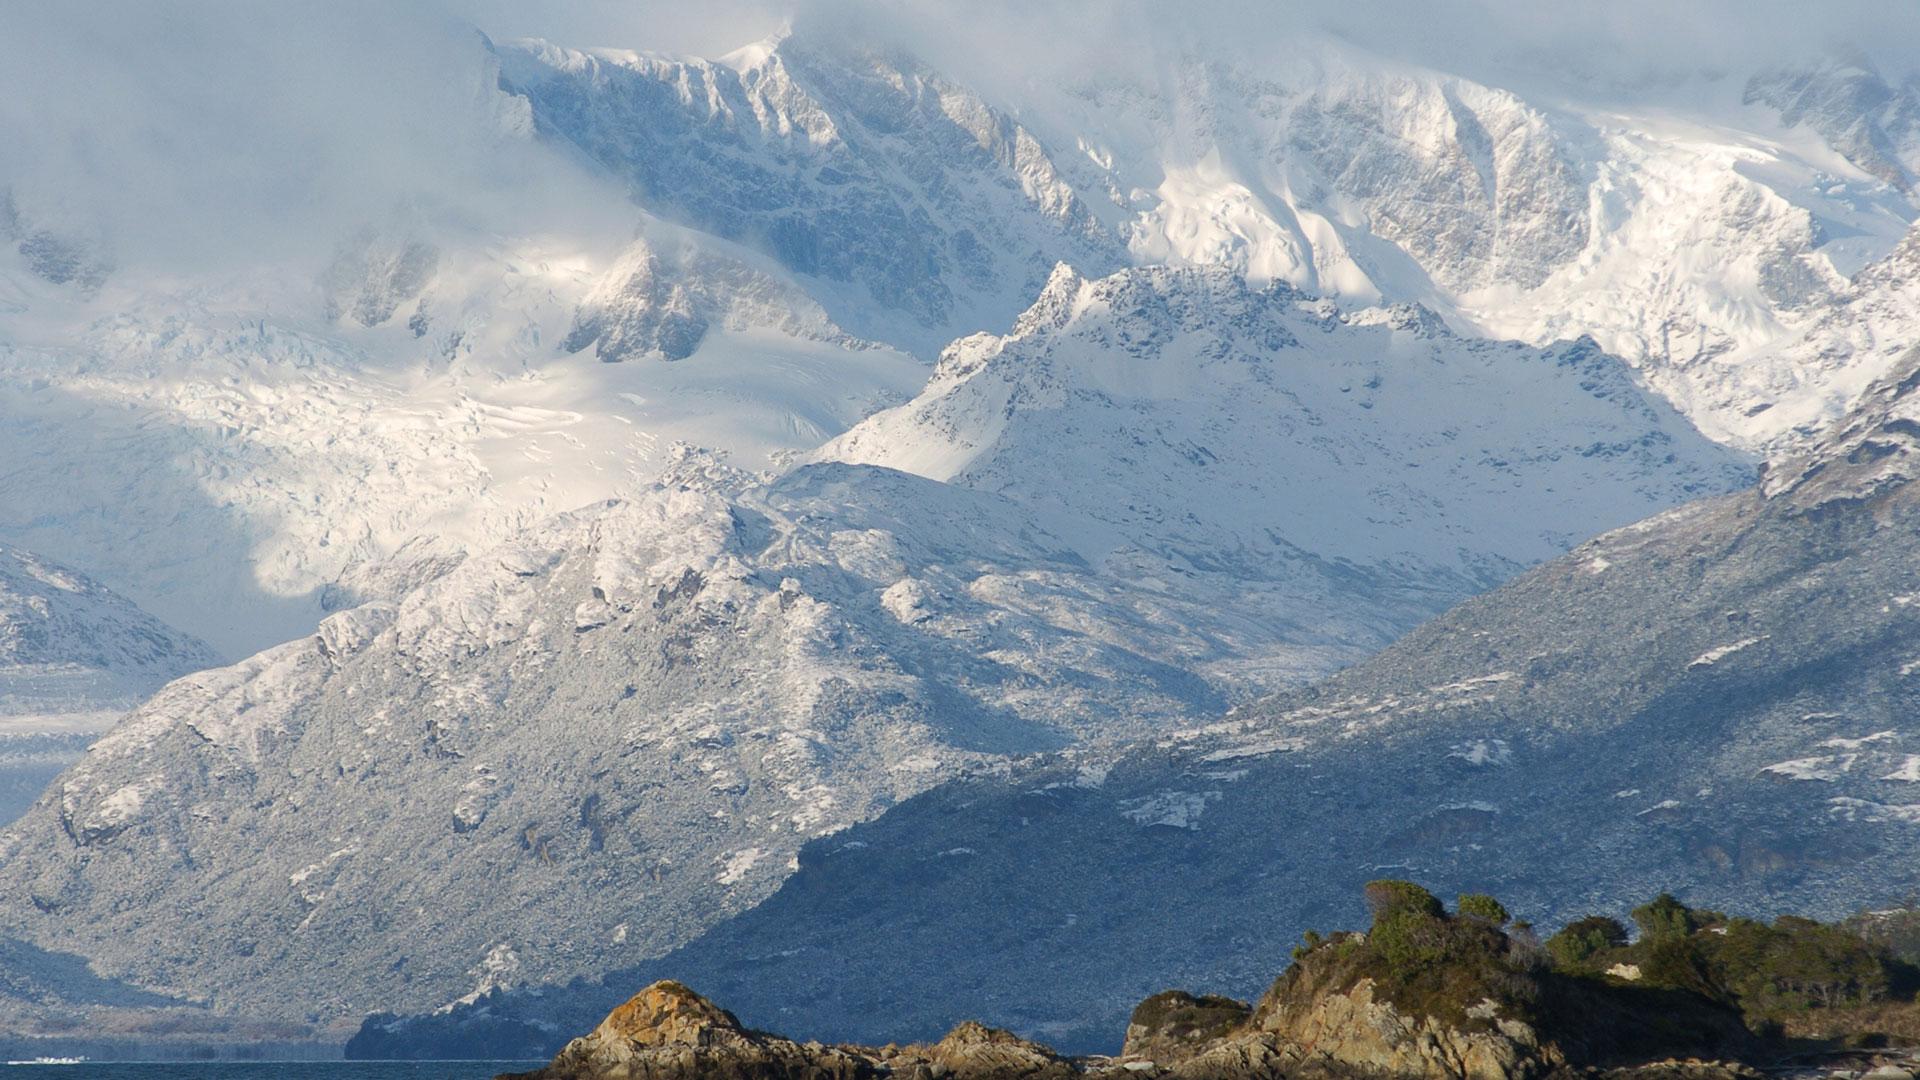 Cabo de Hornos hero asset